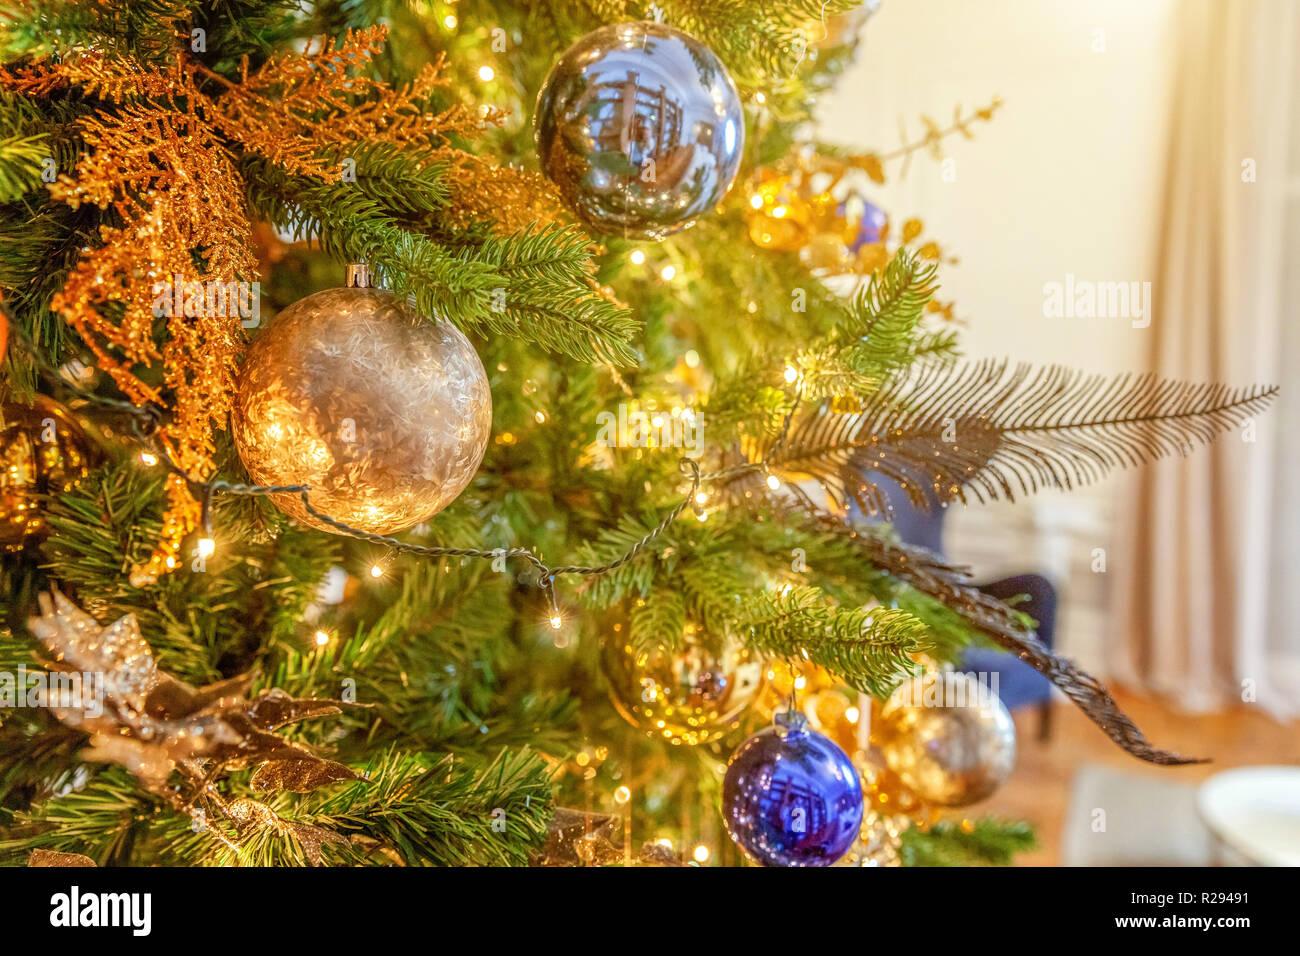 Kugel Für Tannenbaum.Klassische Weihnachten Tannenbaum Geschmückt Weihnachtsbaum Mit